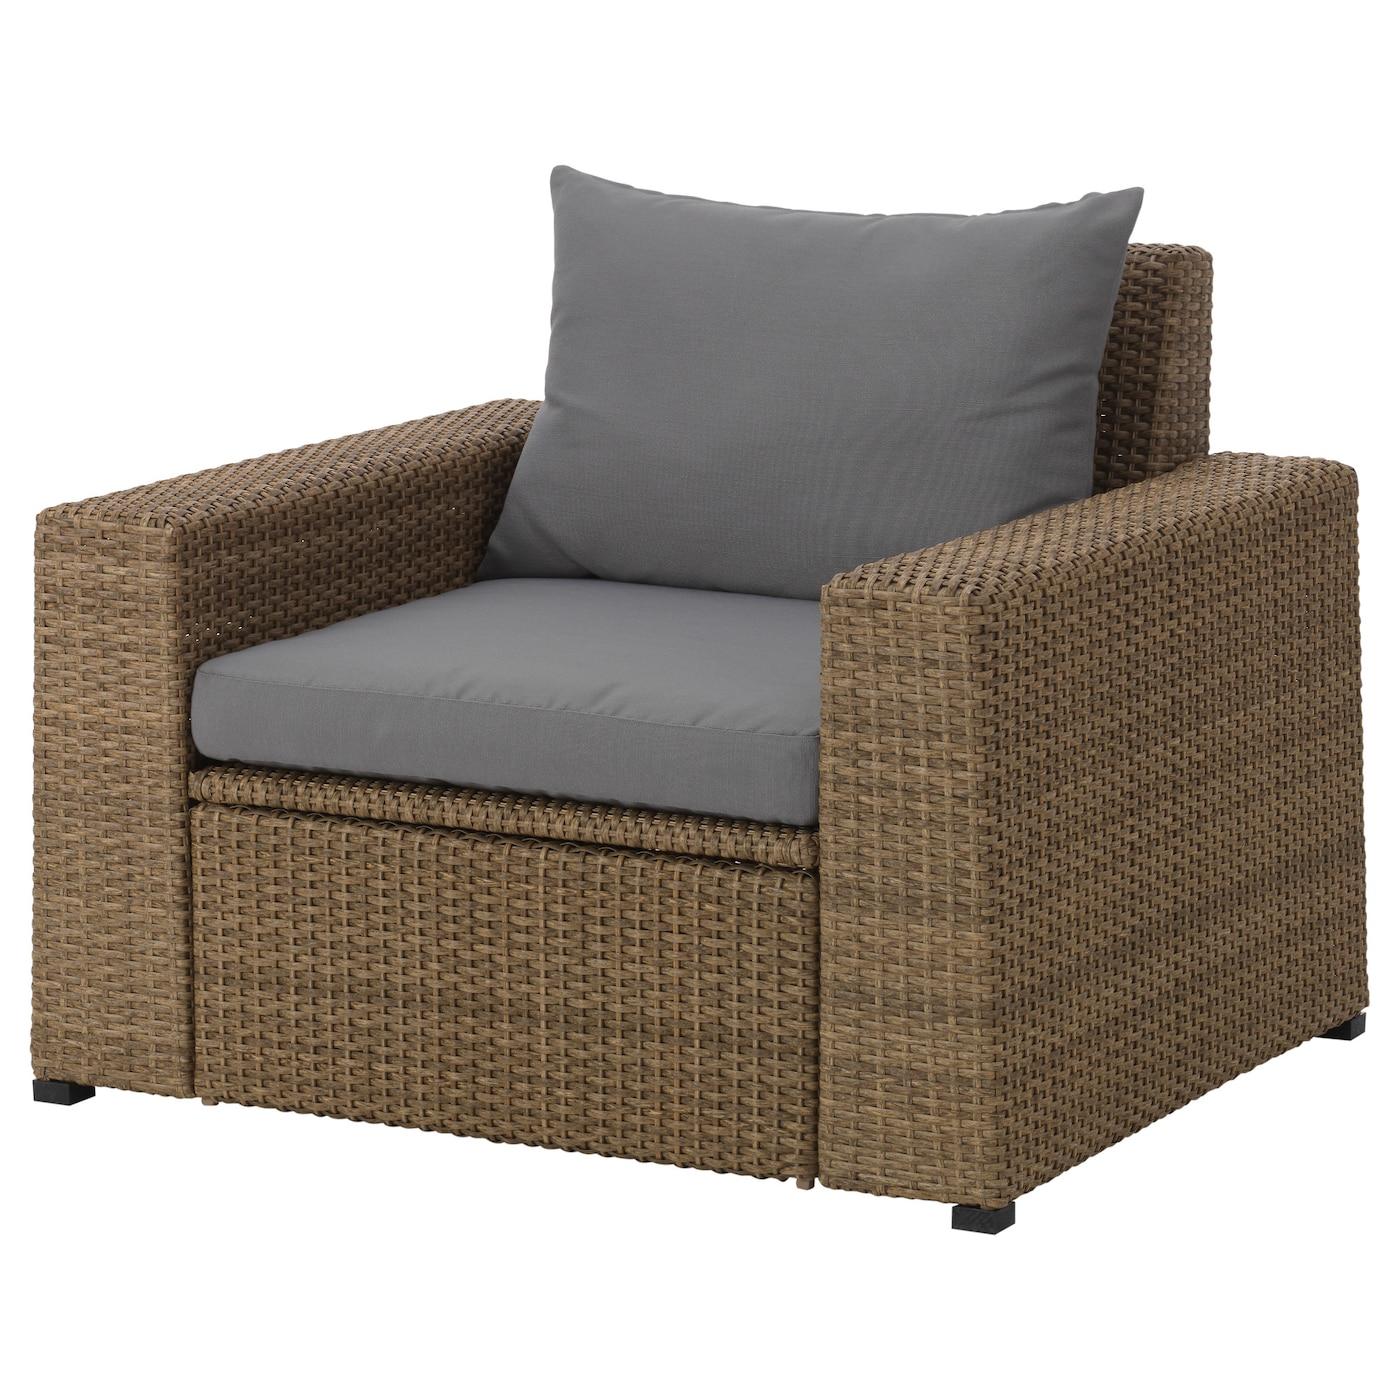 Garden Furniture Corner Sofa Ikea: Rattan Garden Furniture & Plastic Rattan Furniture